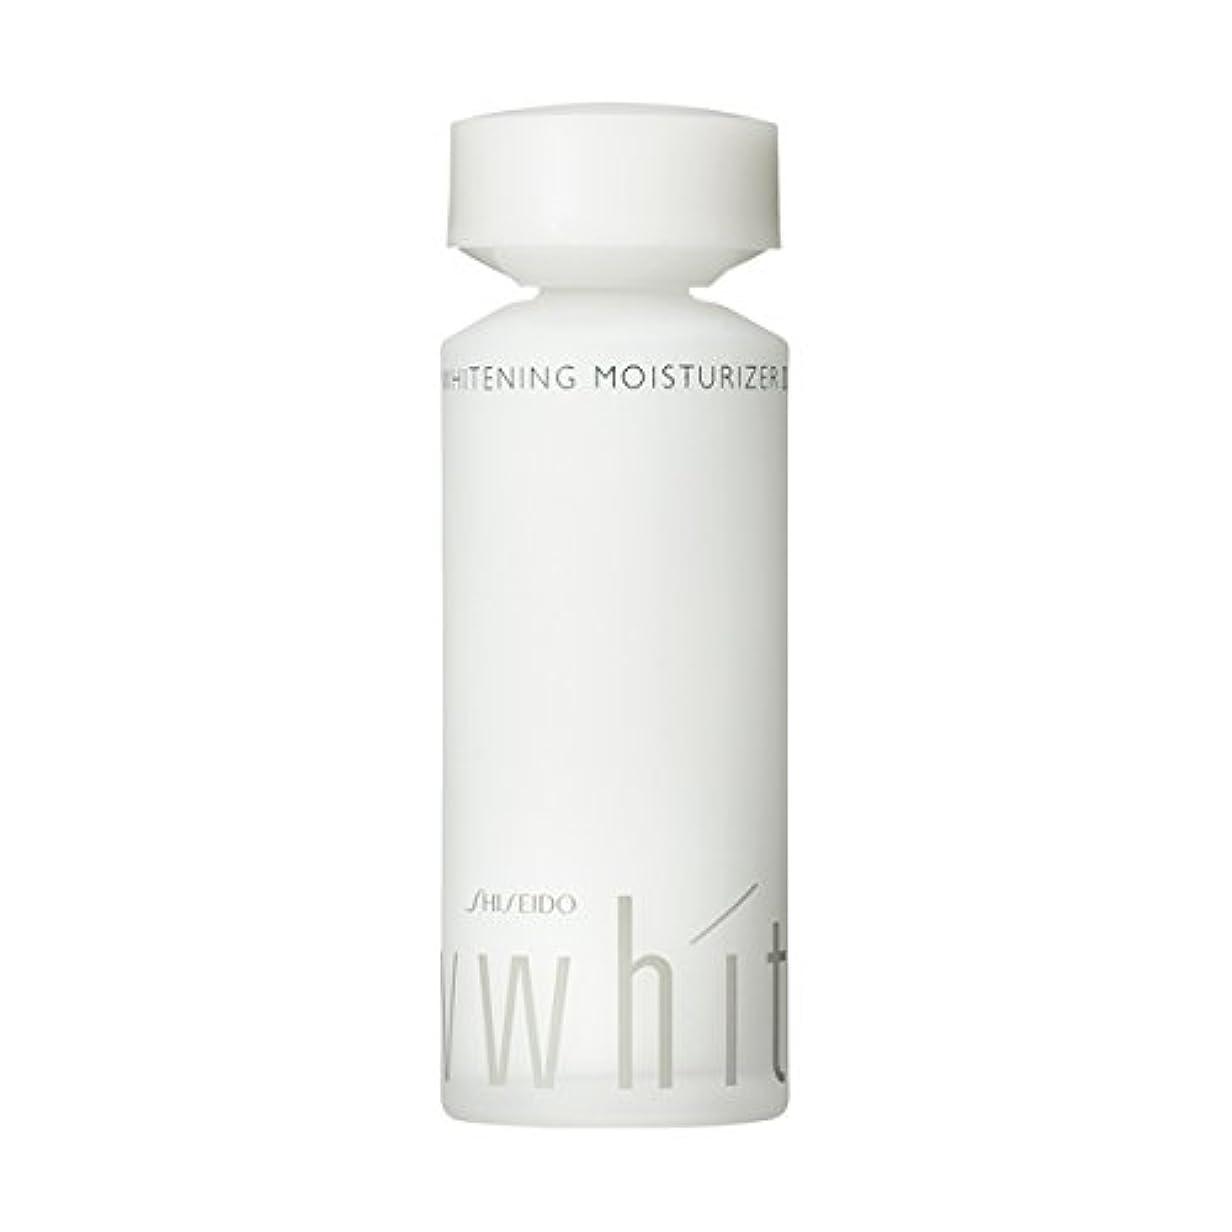 隠された傷つける帝国UVホワイト ホワイトニング モイスチャーライザー 2 100mL 【医薬部外品】